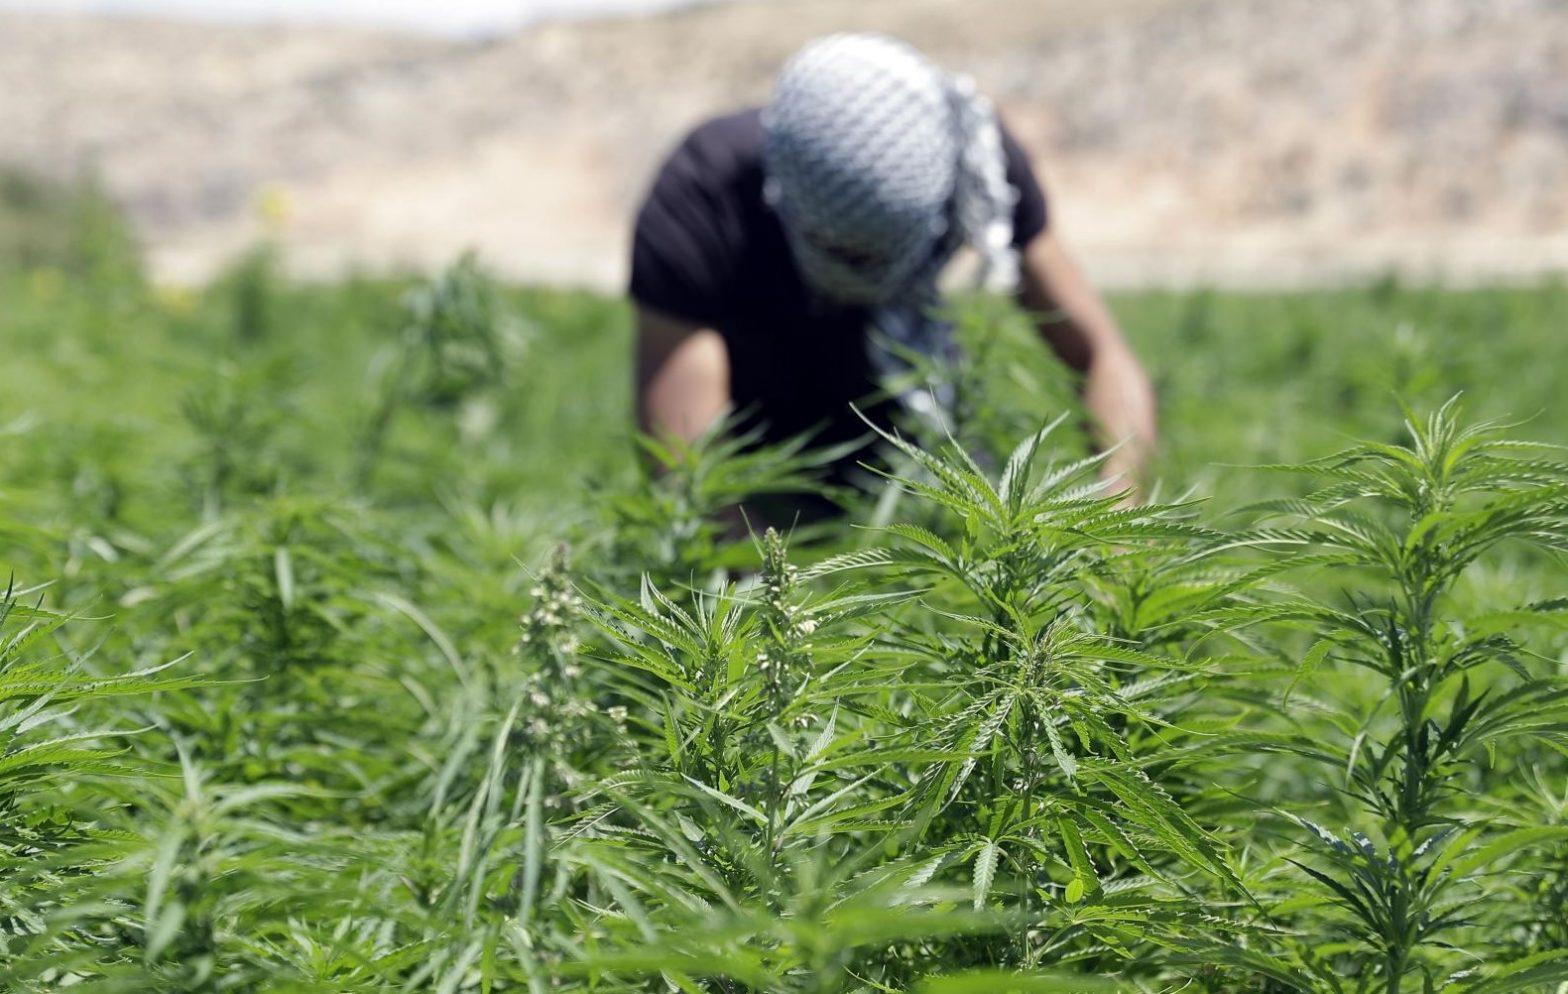 Lebanon legalizes cannabis farming for medicinal use_40.1